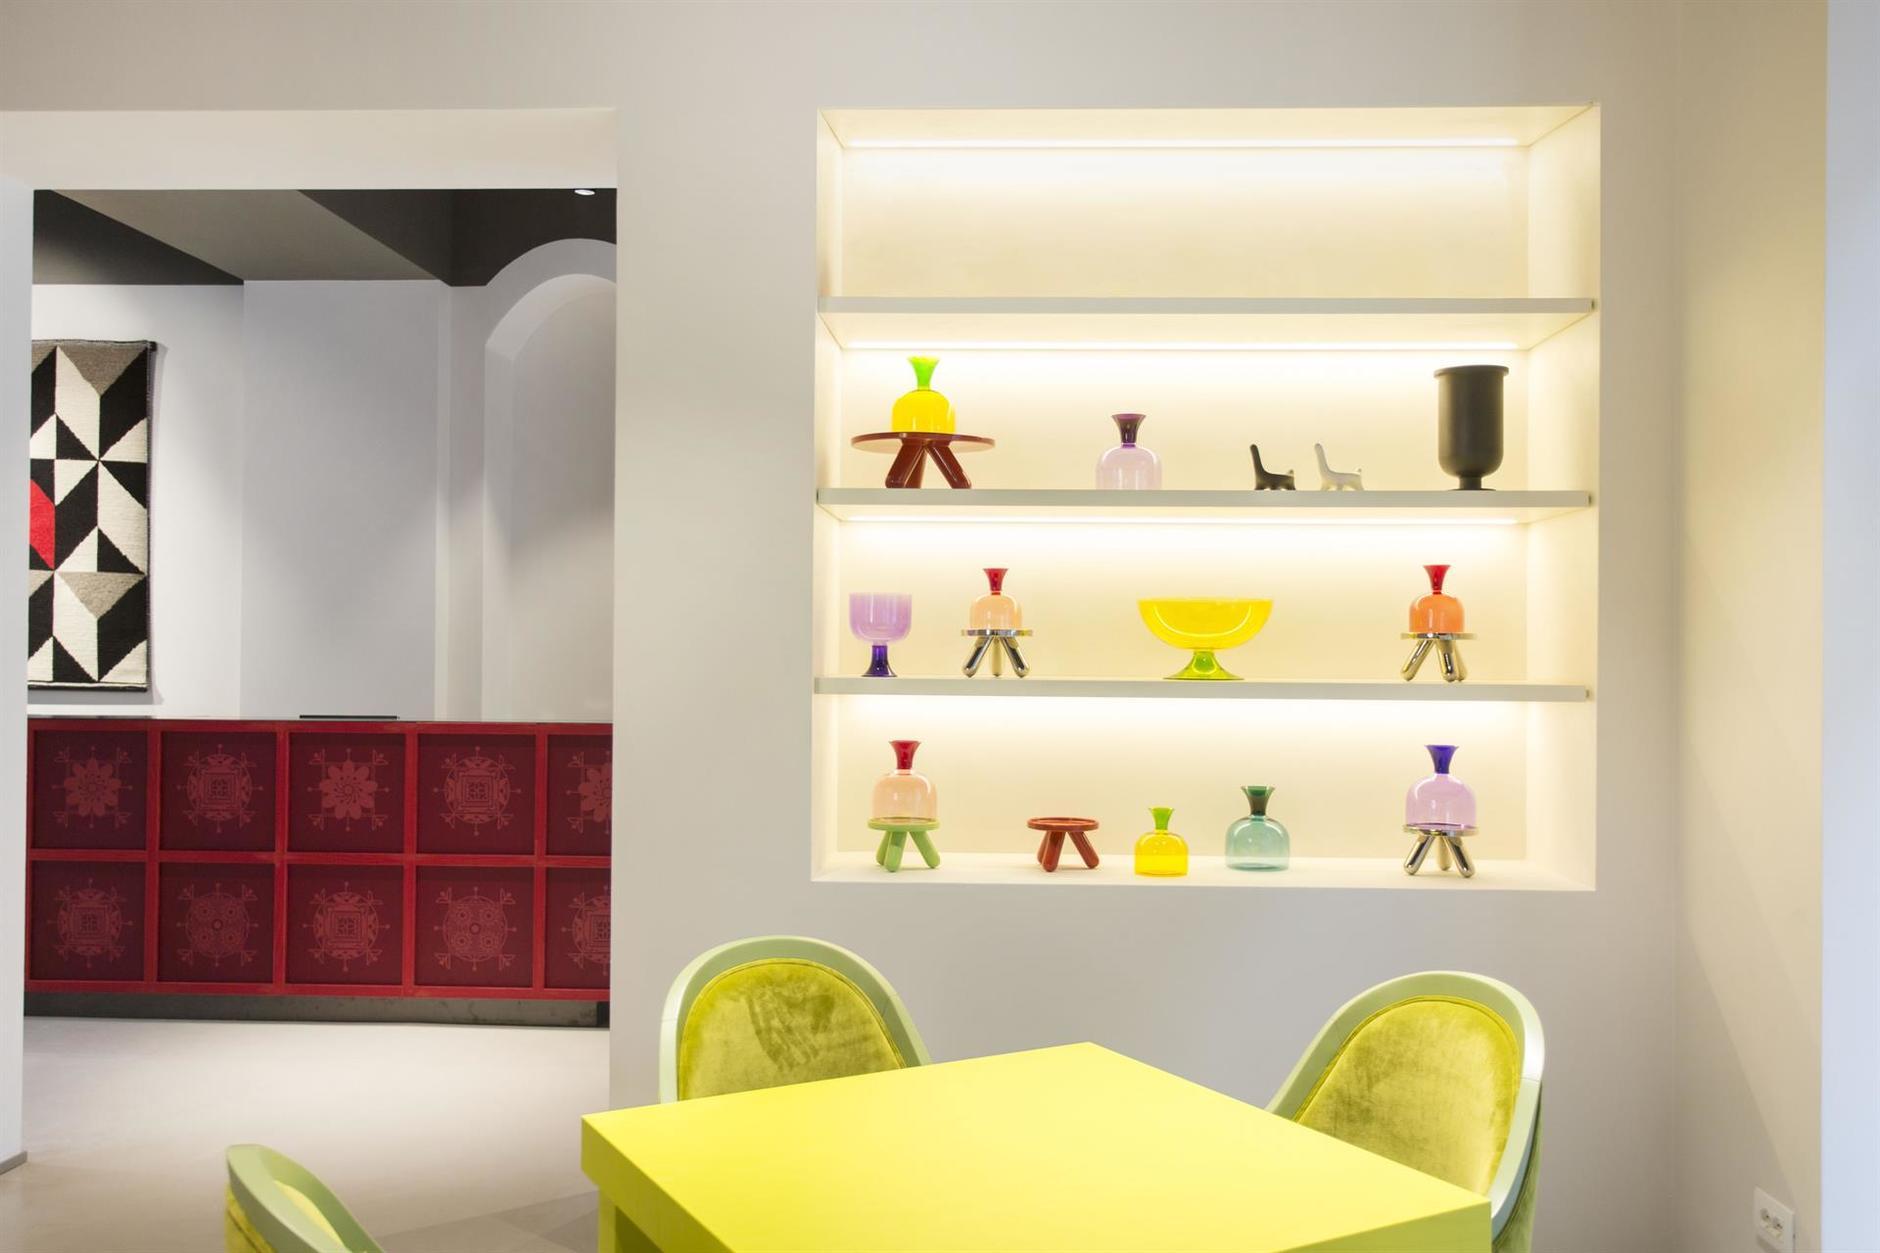 Savona 18 Suites: дизайн-отель Альдо Чибика в Милане (галерея 4, фото 1)